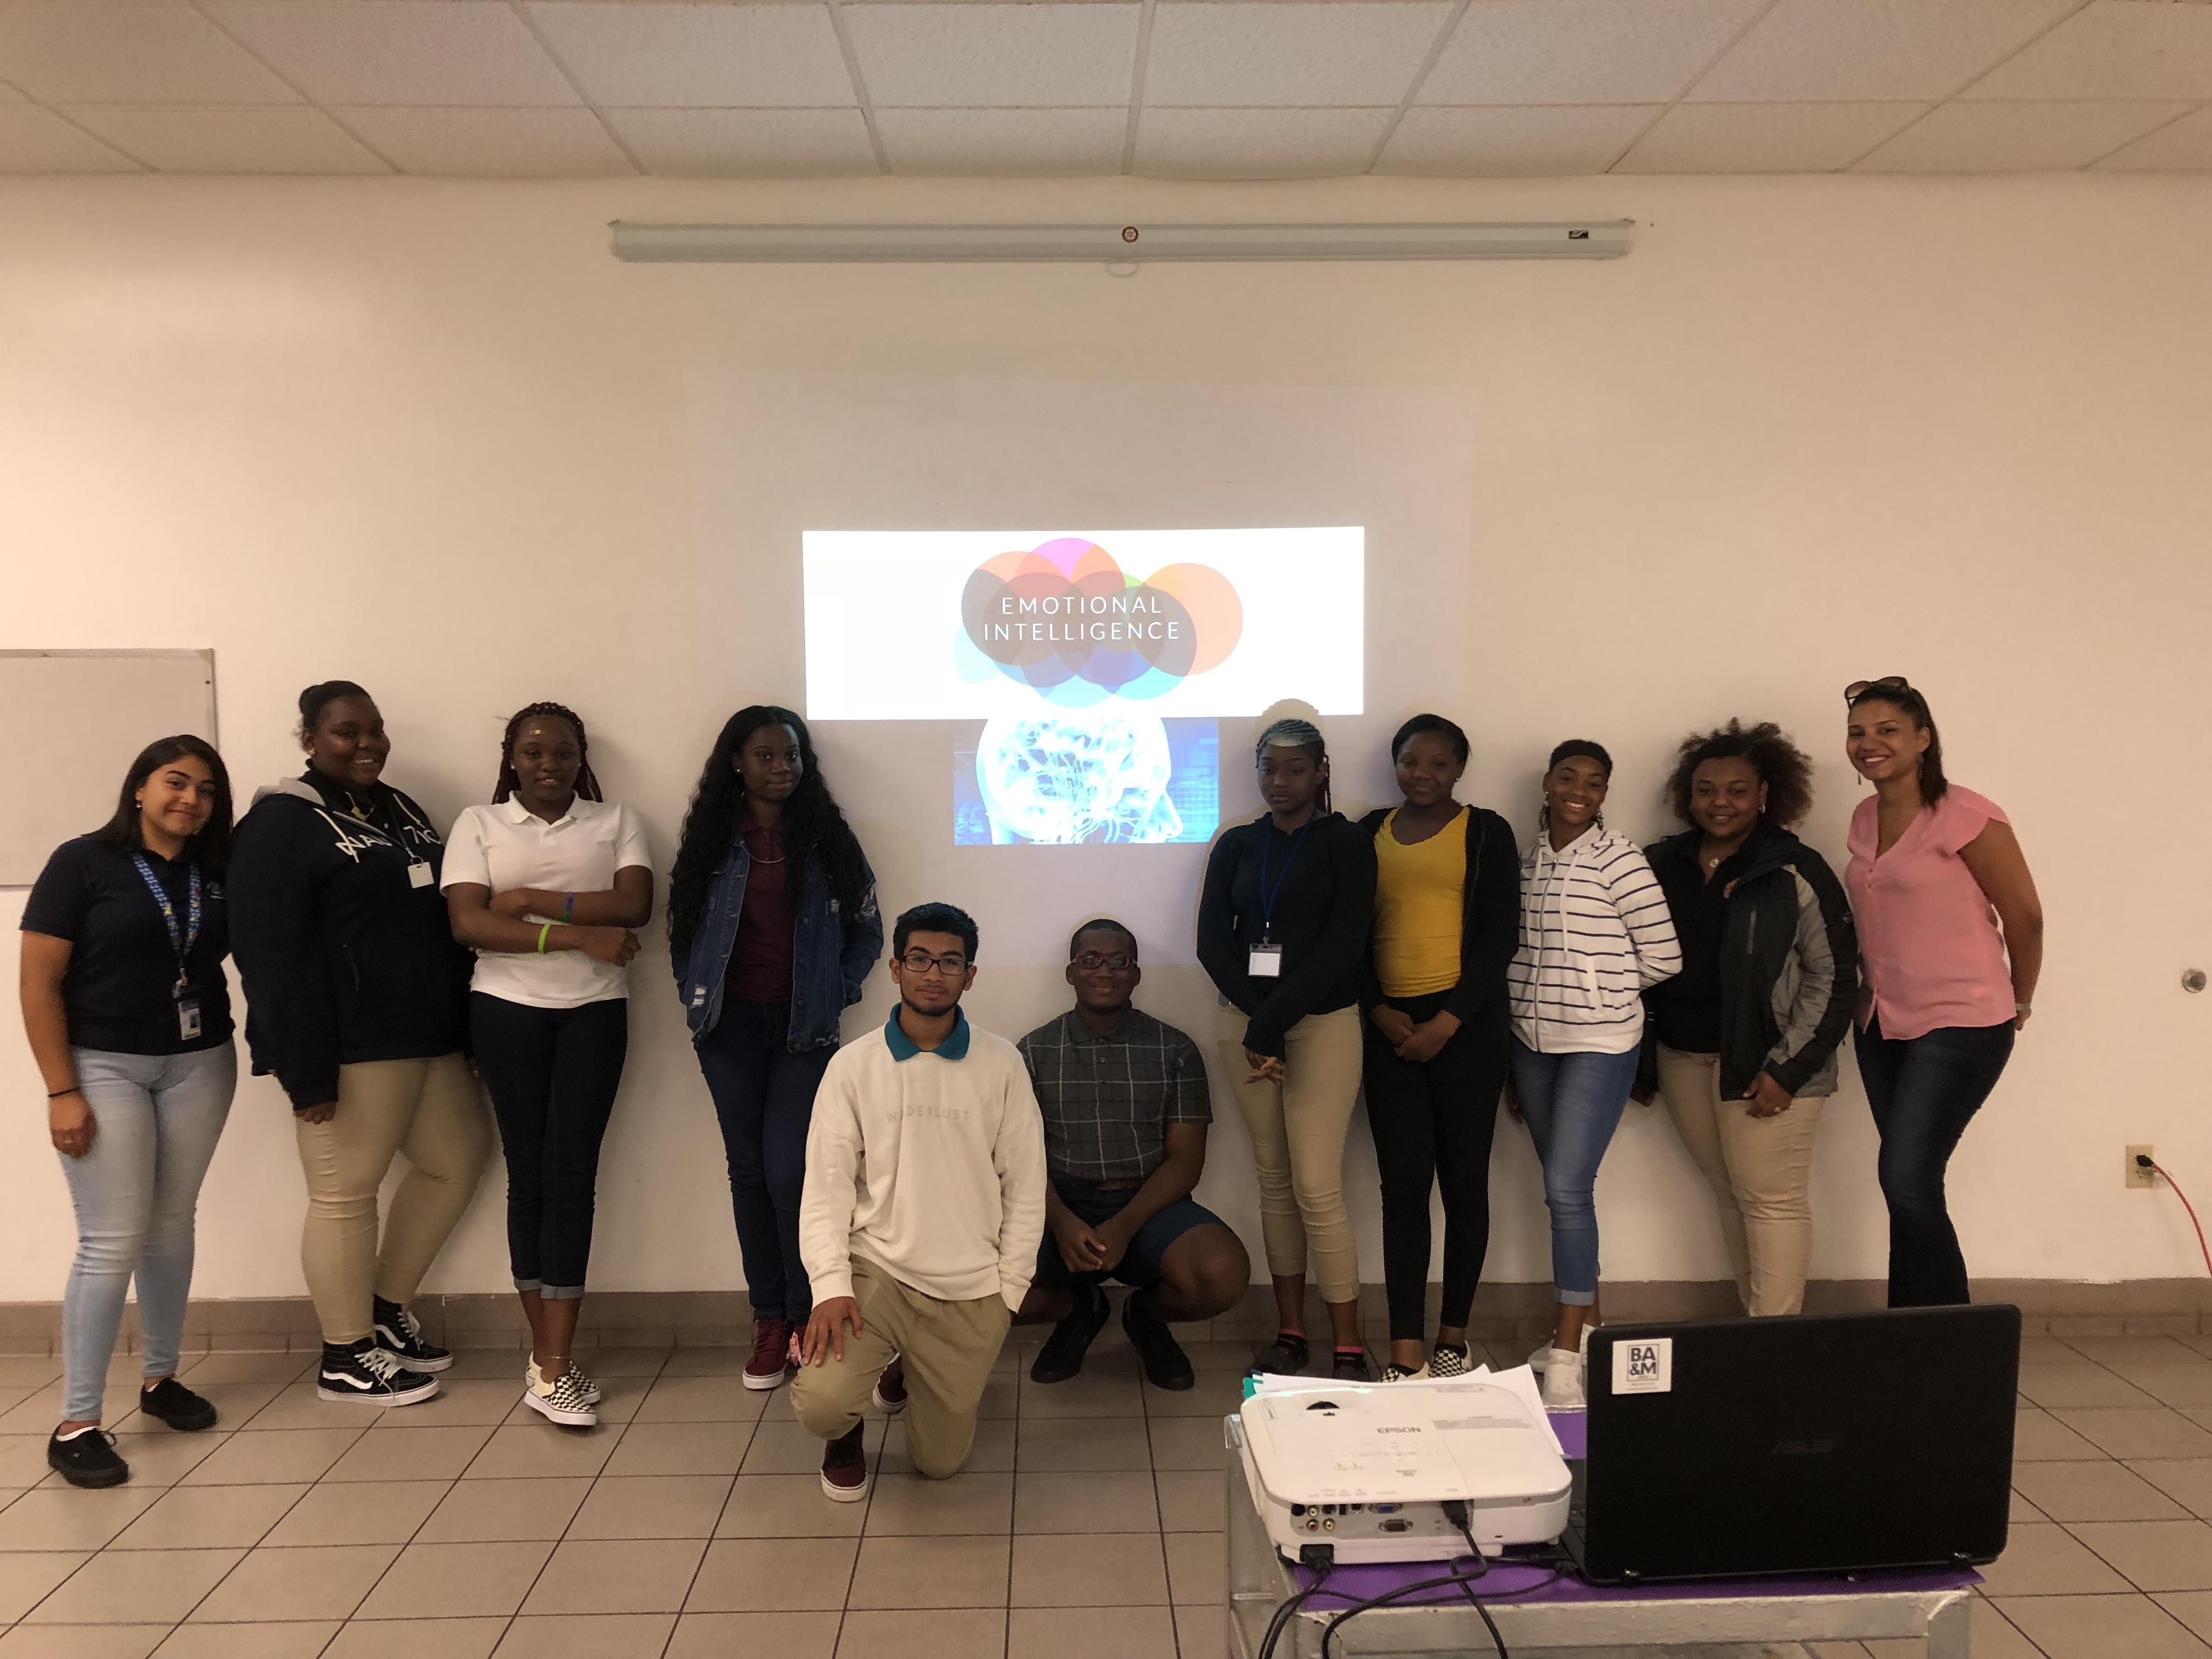 Emotional Intelligence Workshop - 08/28/2018